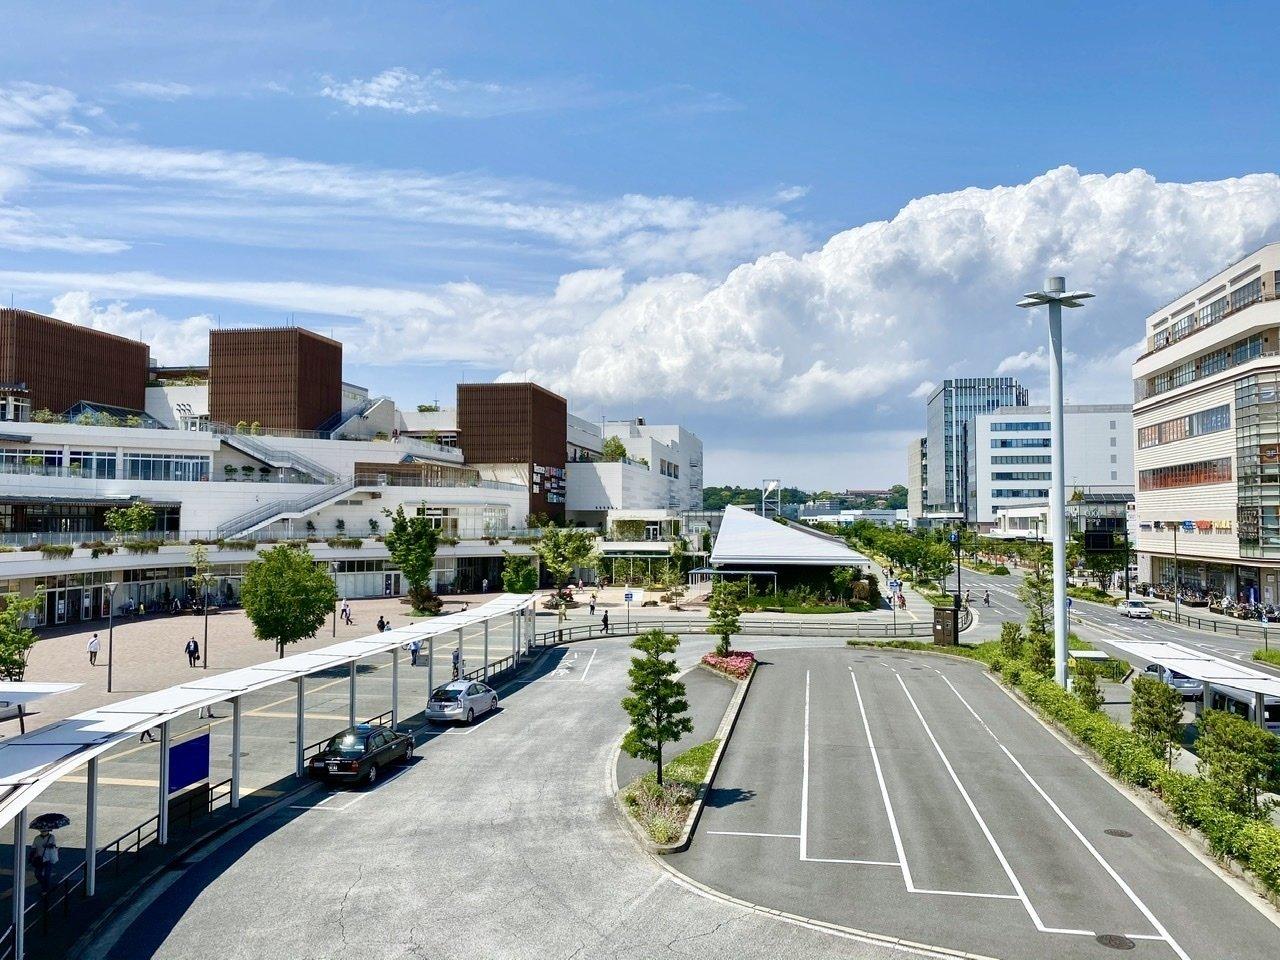 辻堂駅には駅前にショッピングモールがあるため、買い物にも便利です。空が広い、自然を感じられるエリアで暮らすのも、アリですよね。